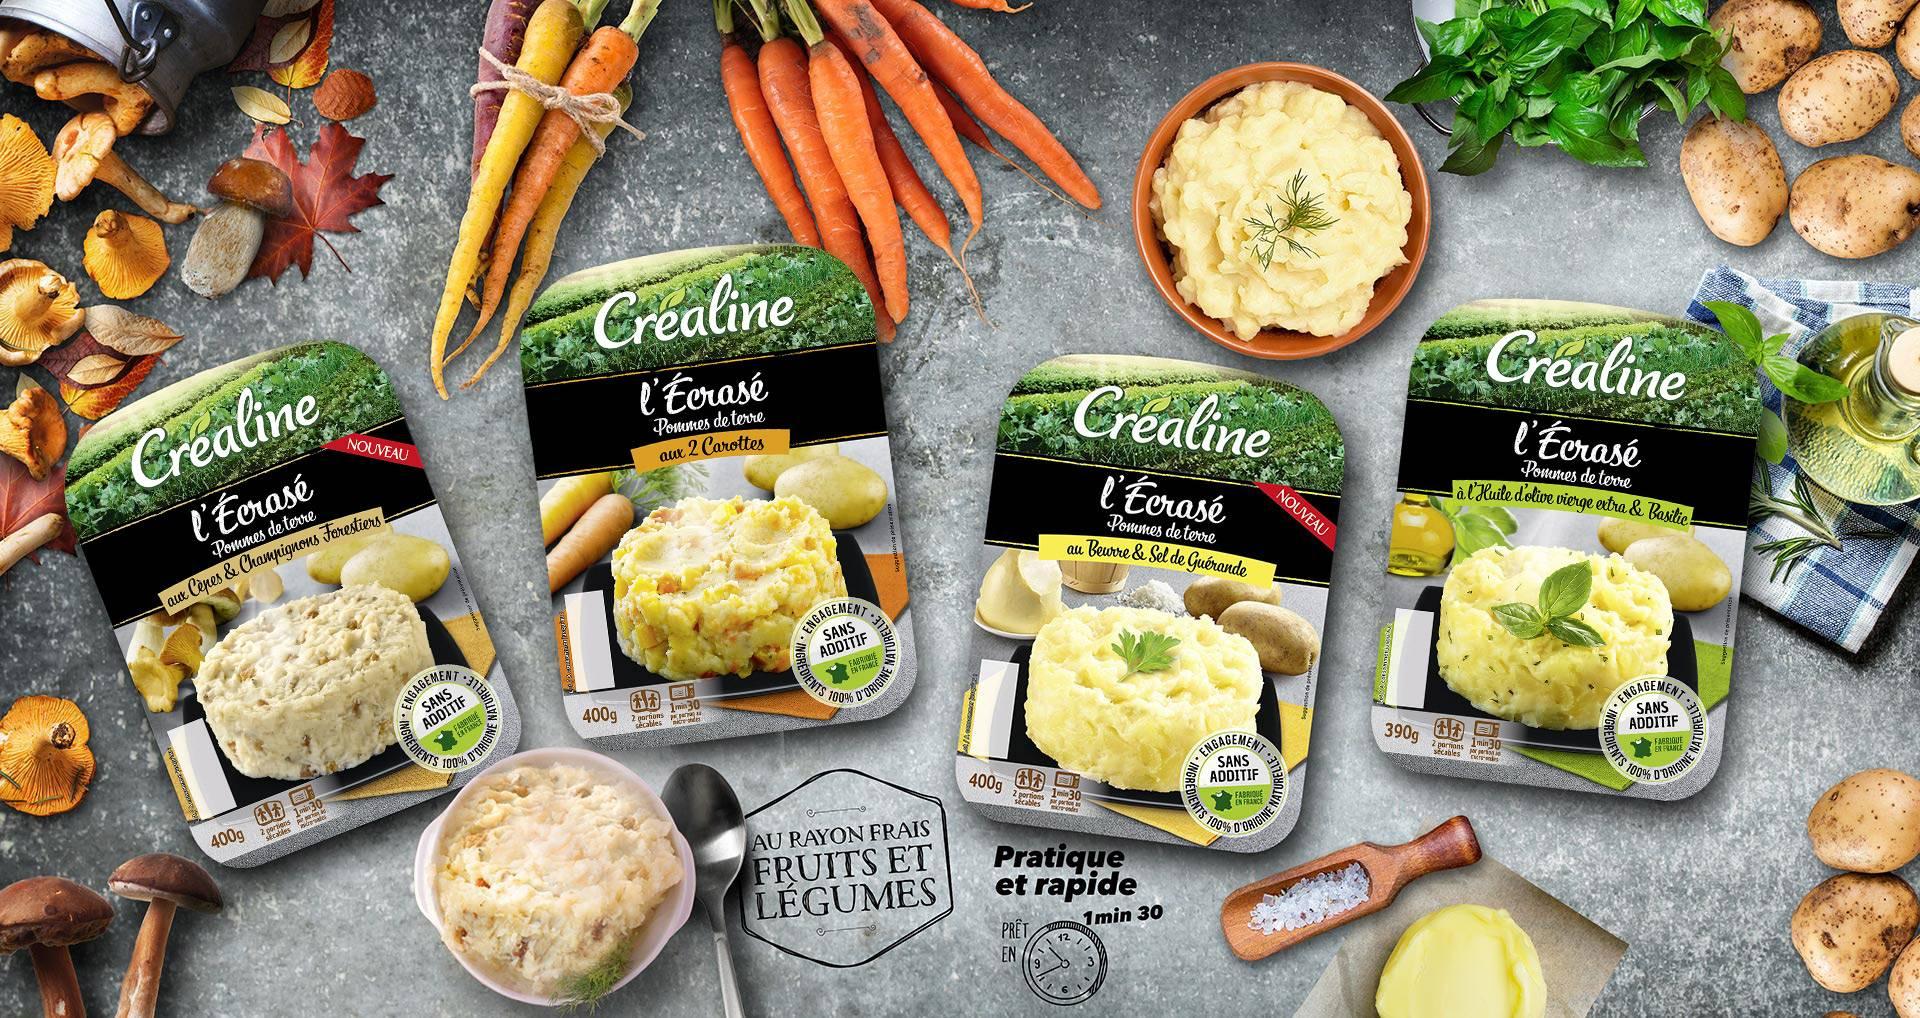 Les écrasés de pommes de terre Créaline : des écrasés de pommes de terre comme à la maison